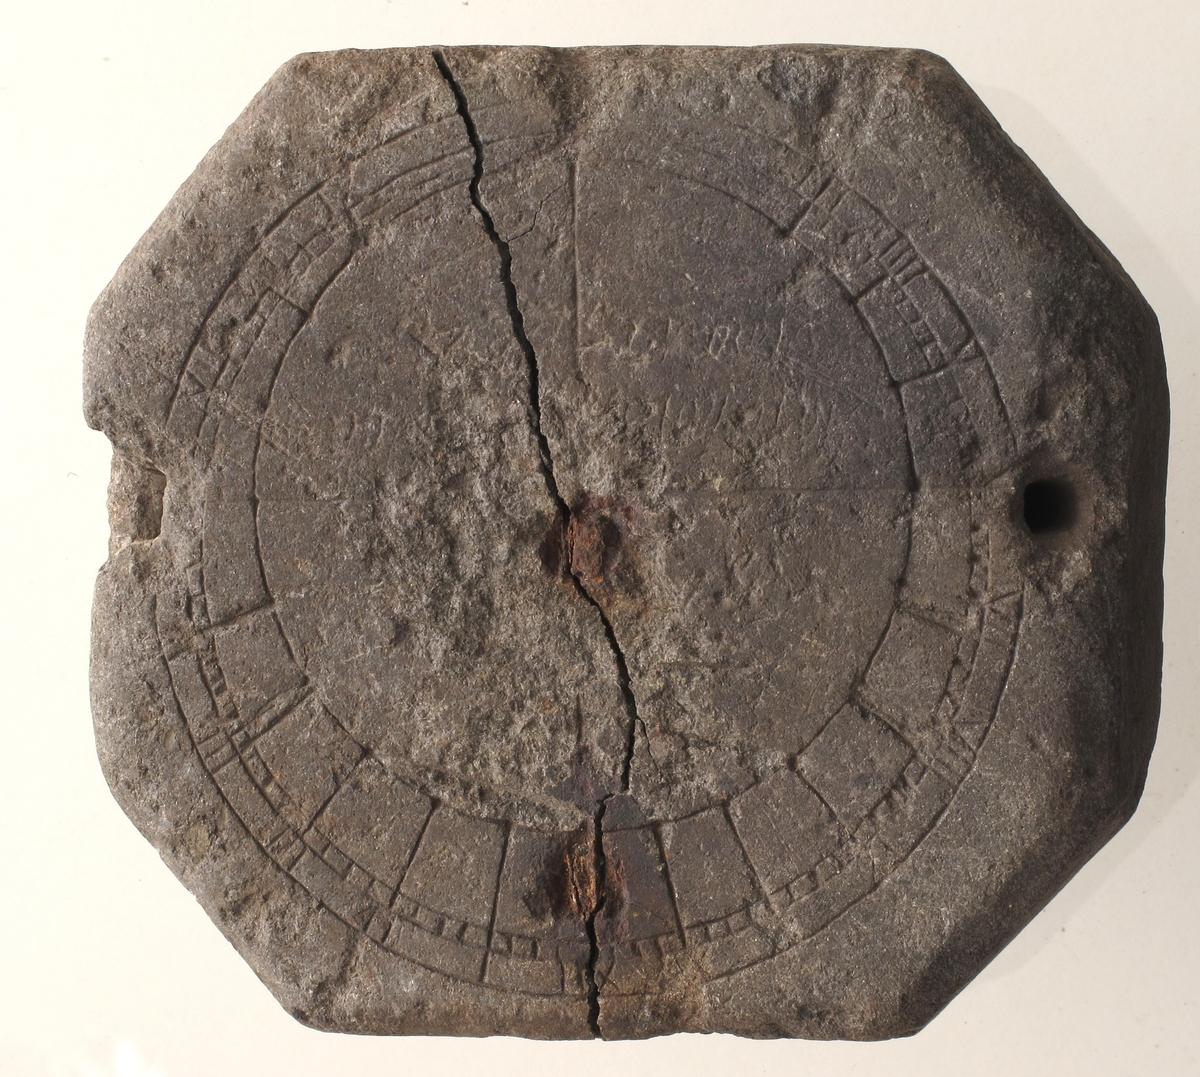 Tykk, flat 8-kantet sten med et inndelt sirkelbånd innskåret langs kanten, avslitt særlig i hyre halvdel. Et gjennomgående hull oppe og nede.   tilstand: Stor sprekk tvers over midten, to rustne jernnagler som er sat på til forstekning. Ståltråd festet i øvre hull.